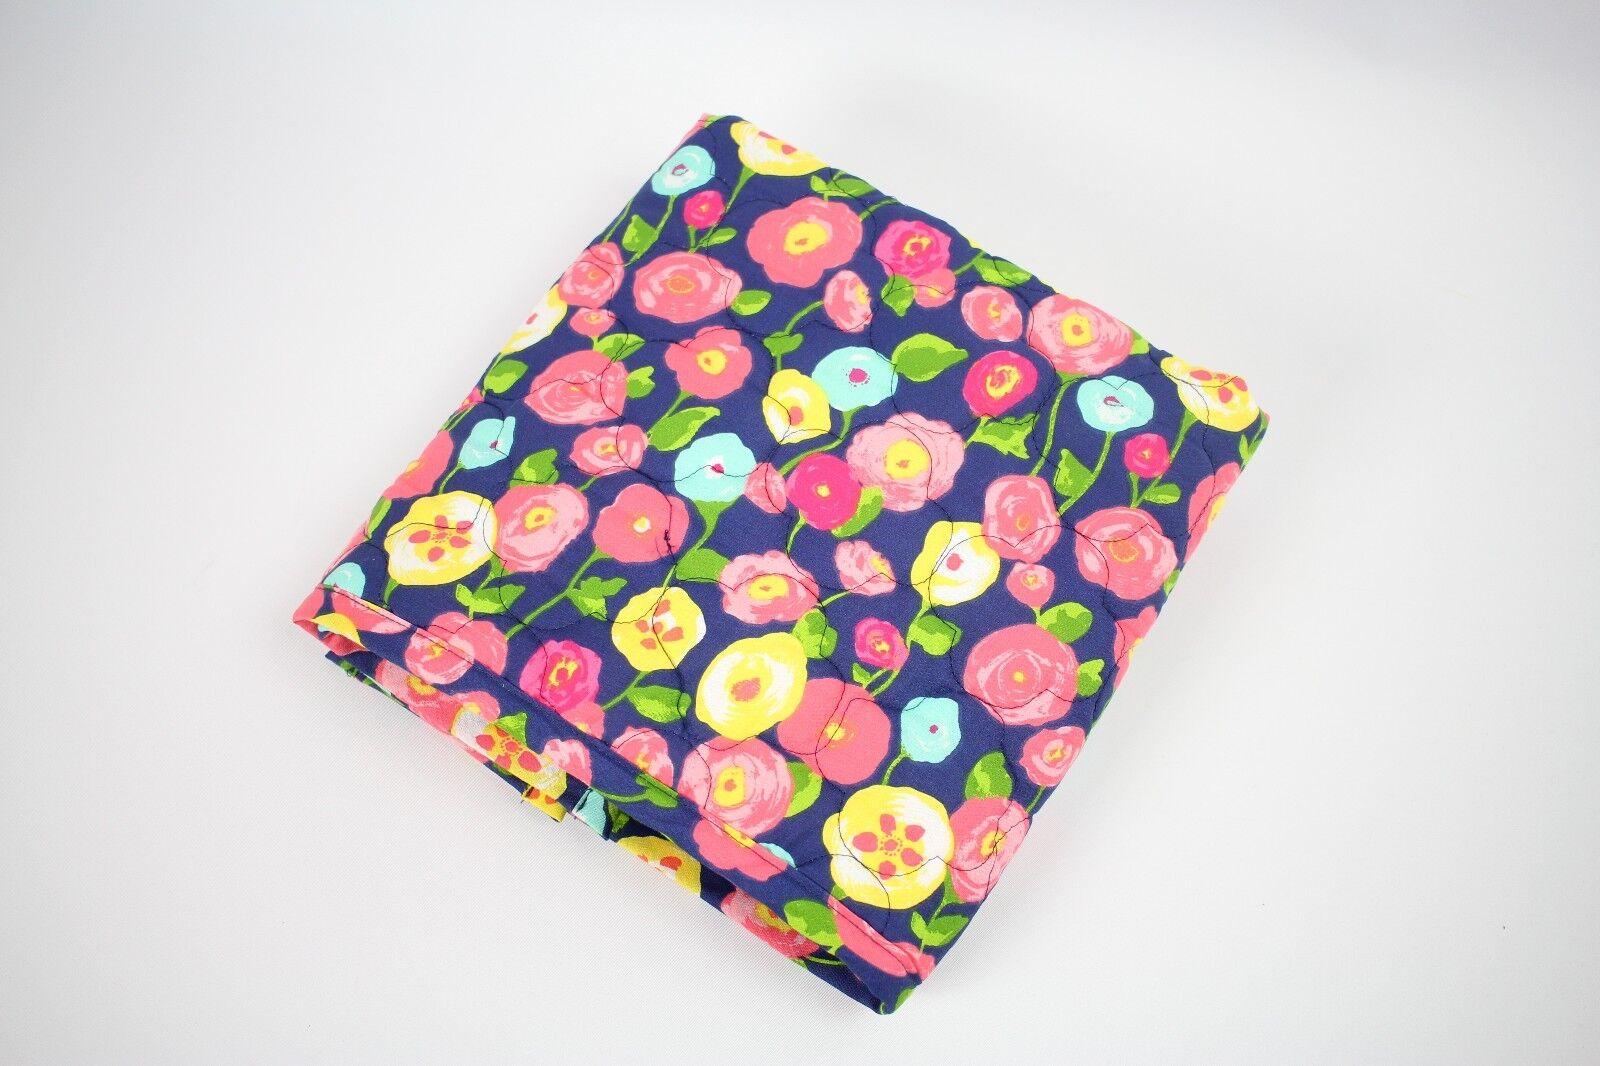 Martha Stewart Bedding Floral Cotton Blend Standard Sham B366